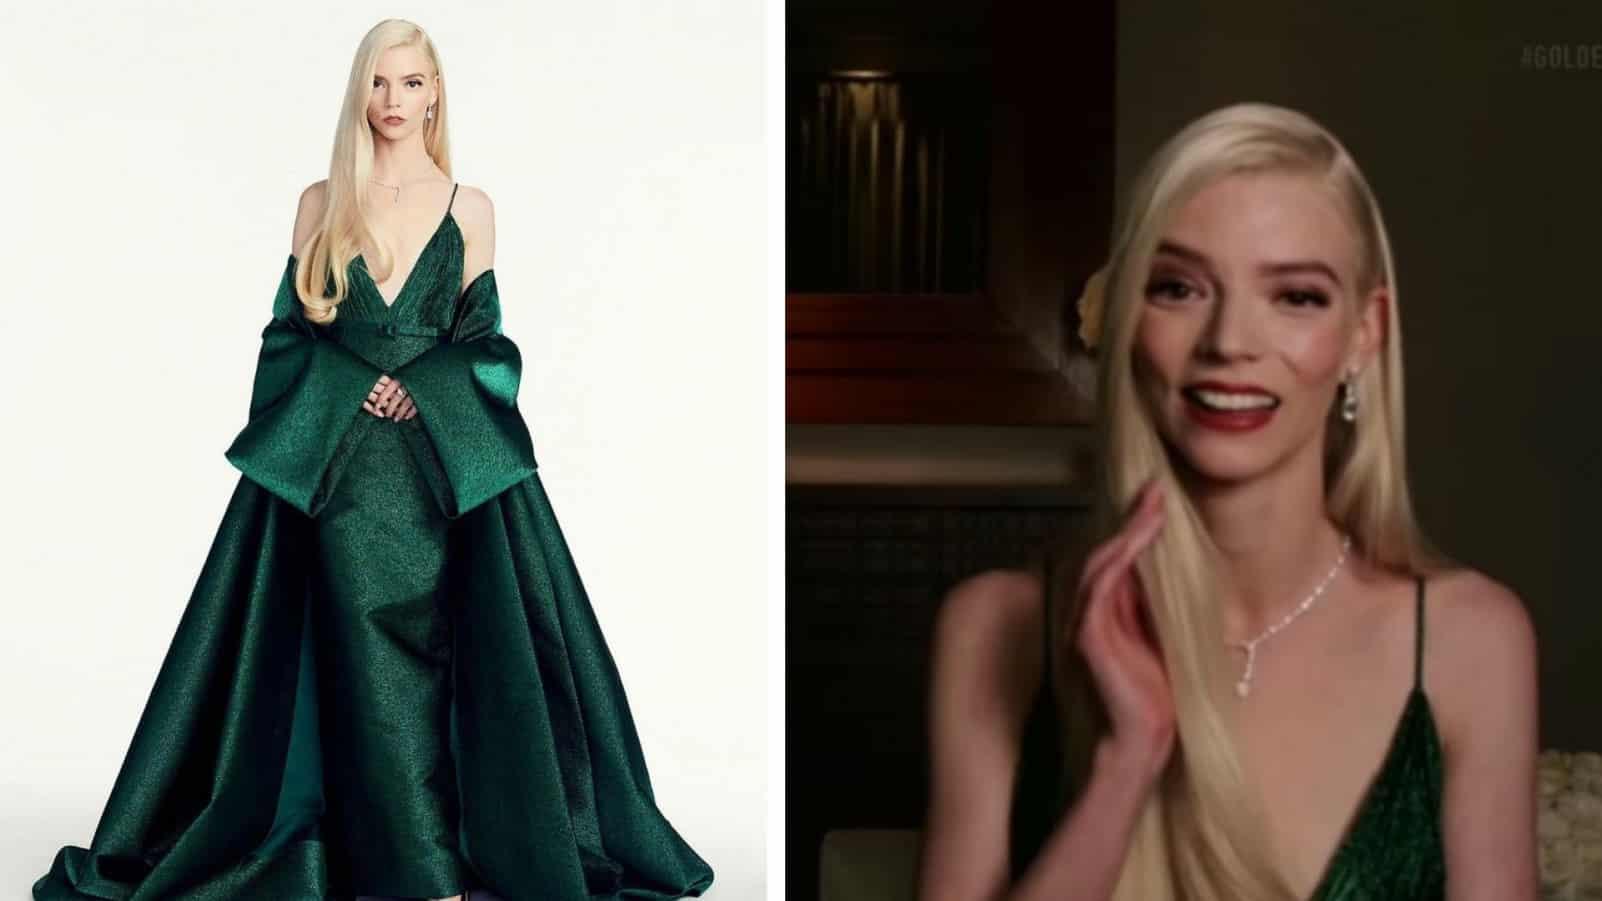 Аня Тейлор-Джой получила статуэтку за роль в сериале «Ход королевы»! Во что была одета звезда на «Золотом глобусе» в этом году?